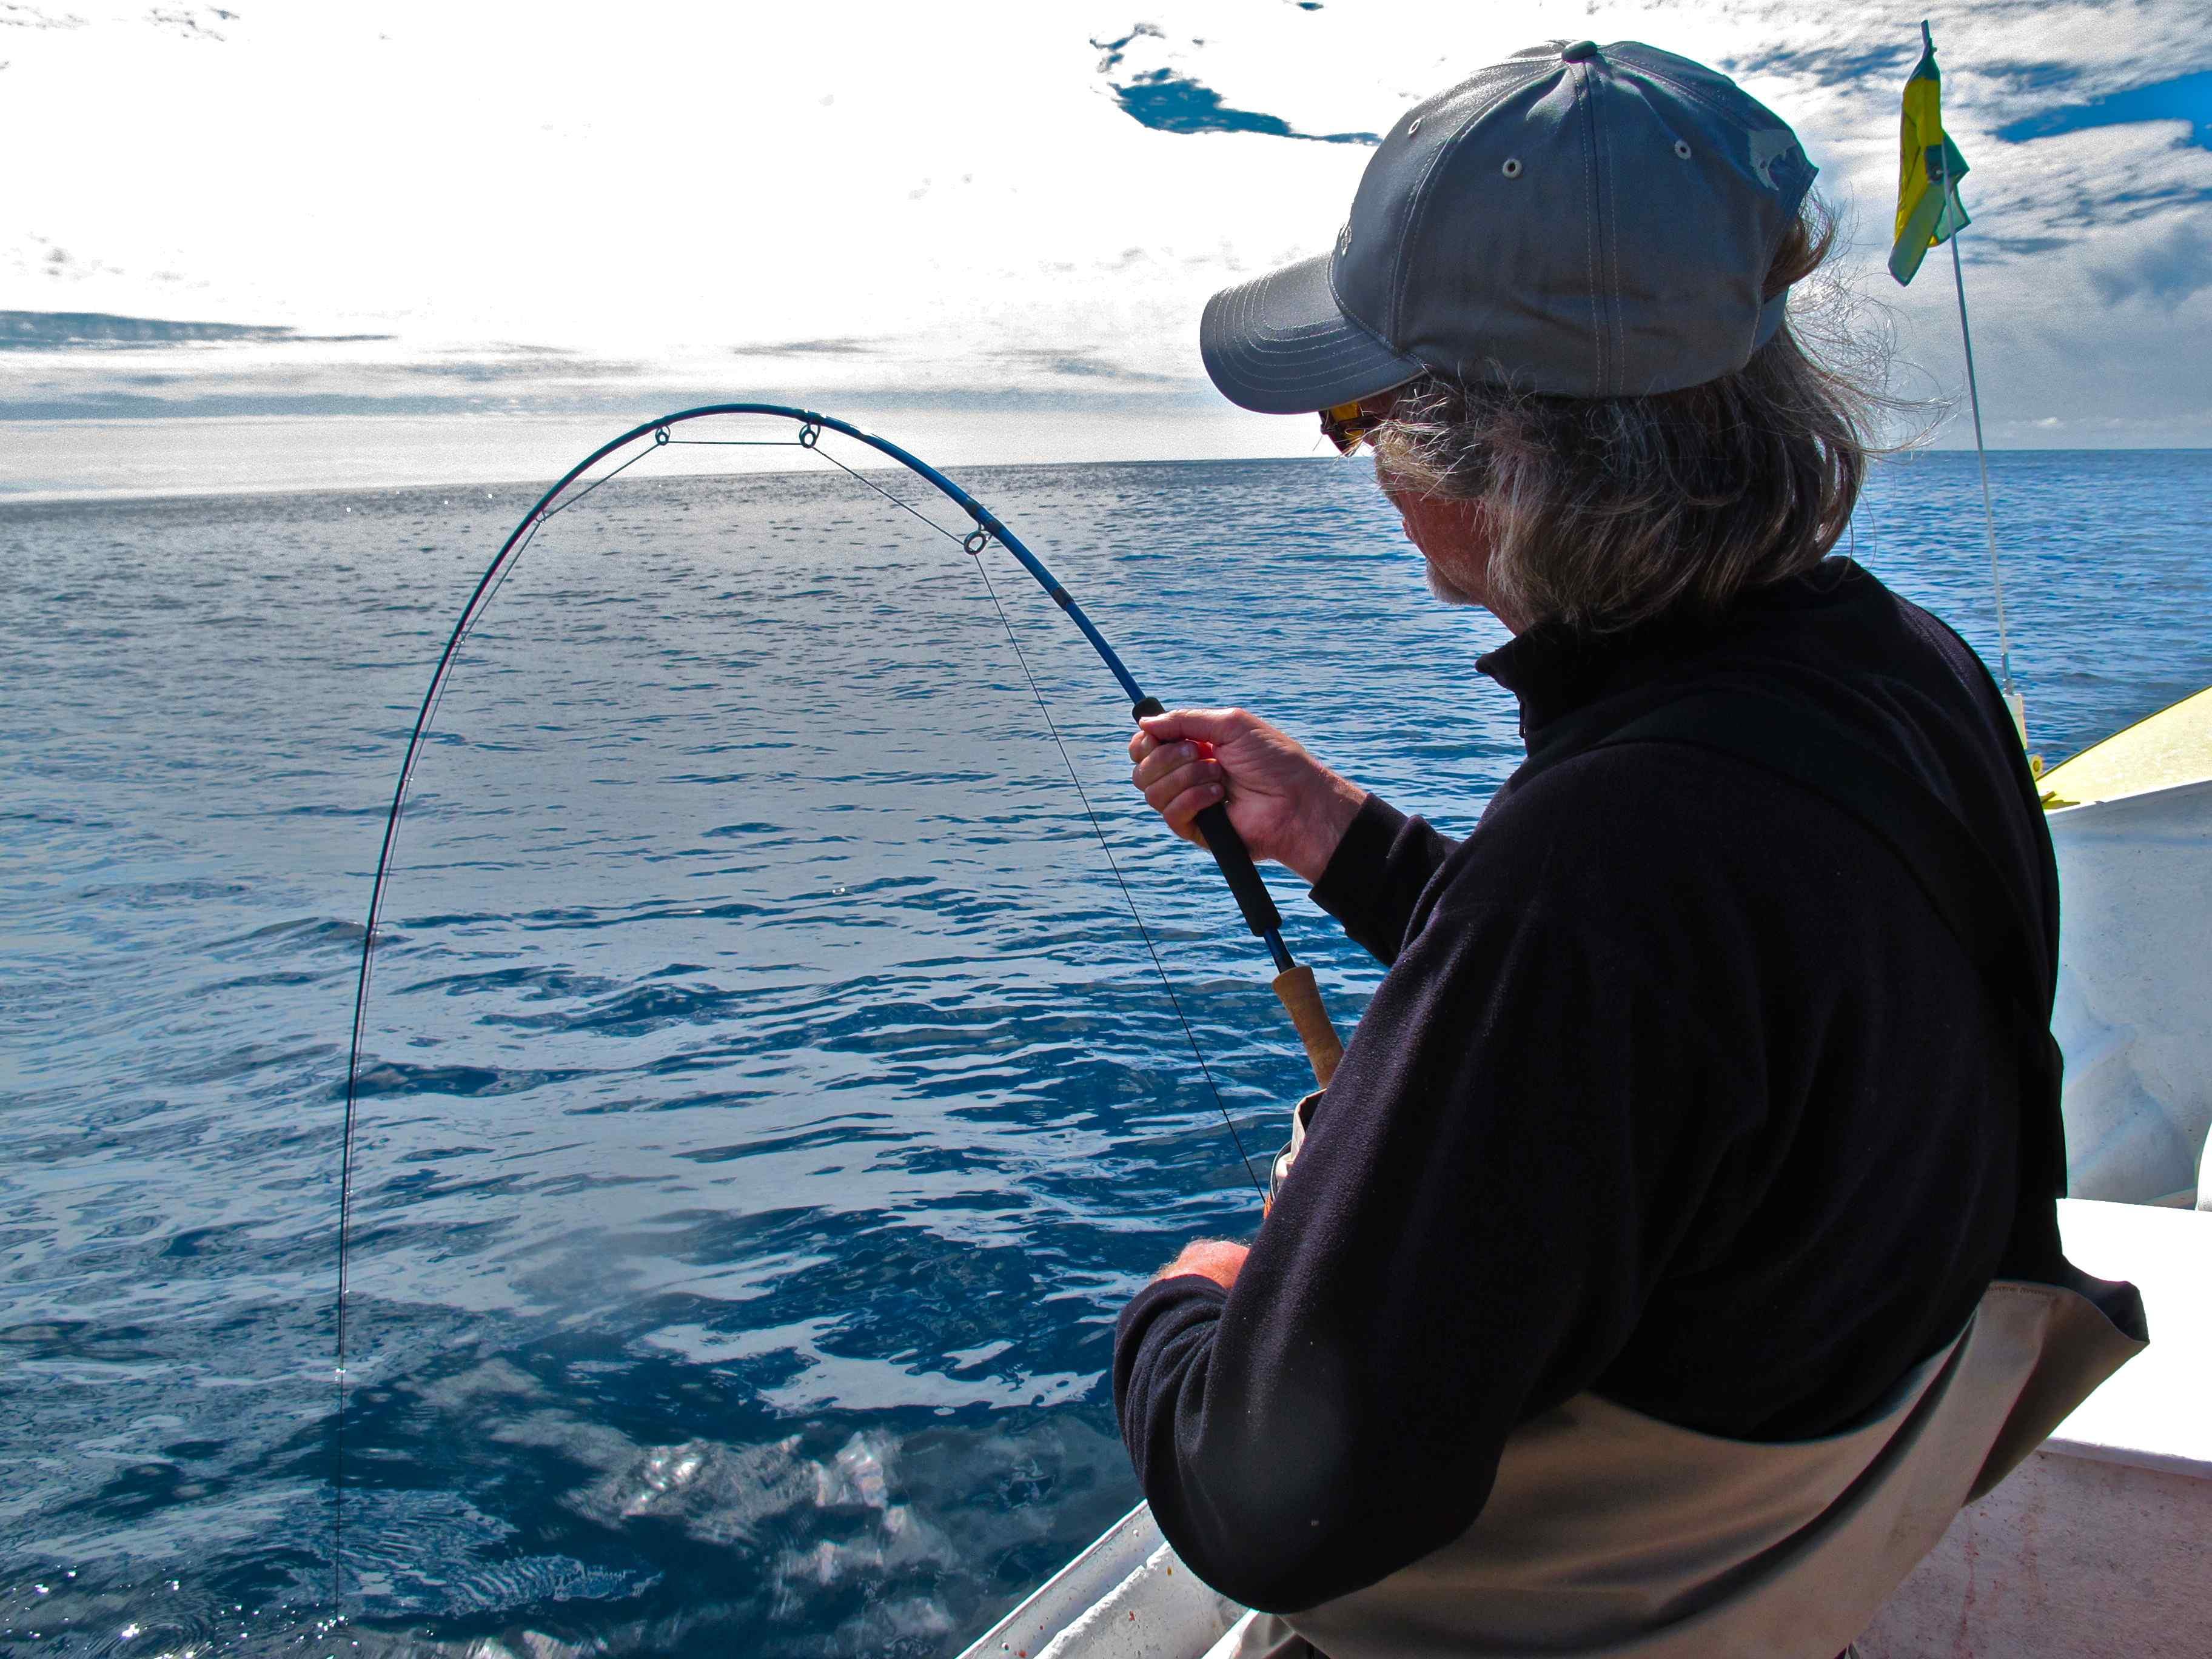 Ribolov na fotkama - Page 3 Jay-Nicholas-PC-Albacore-Fishing-08202012-l